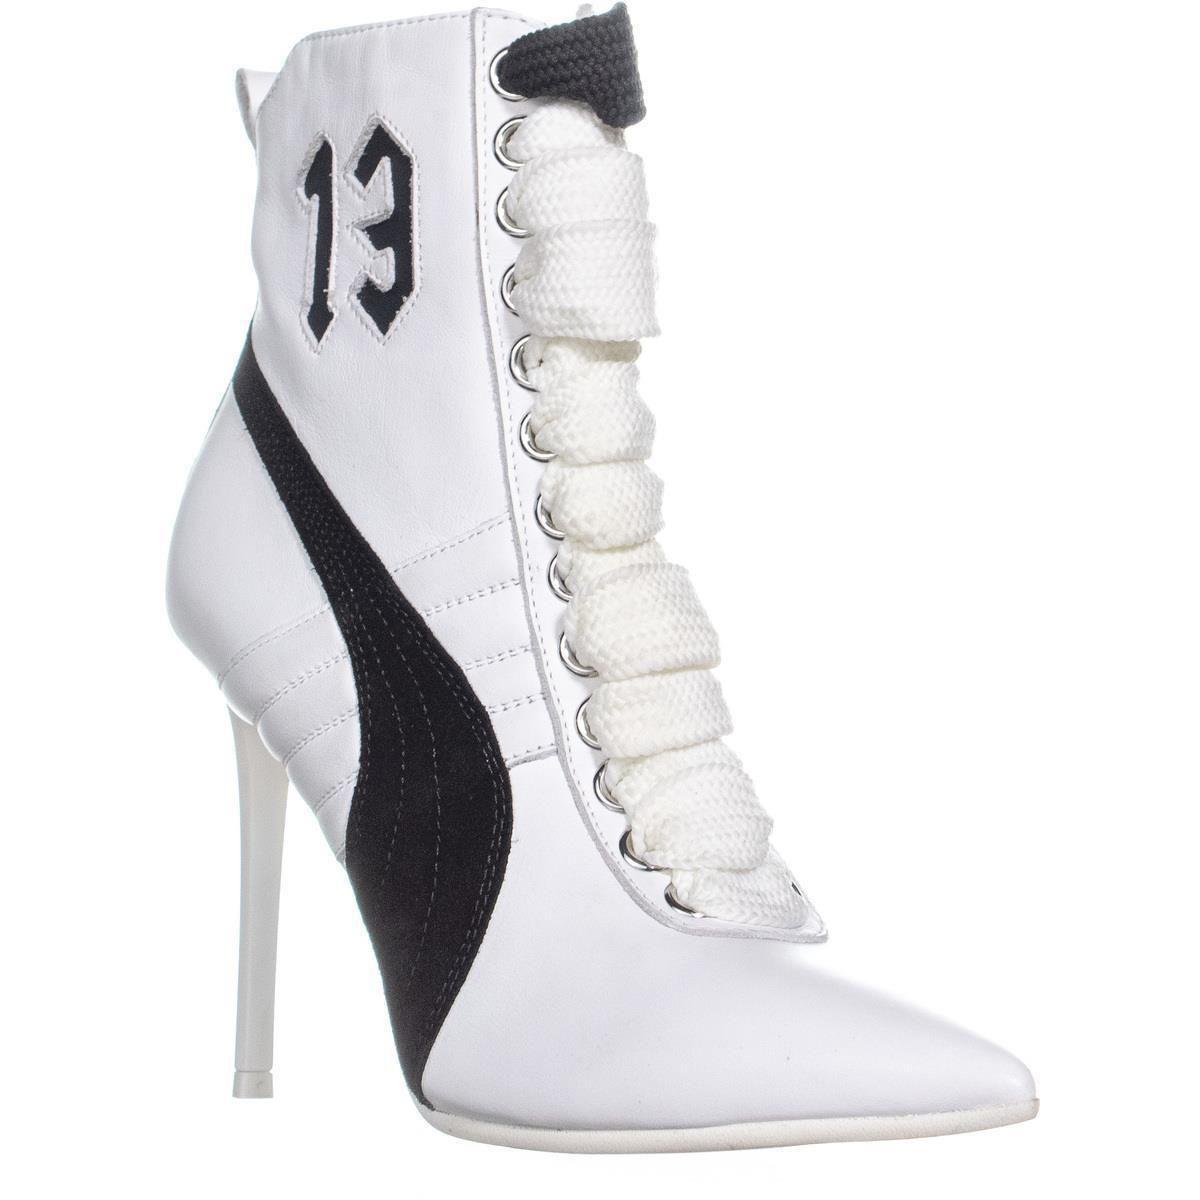 Fenty High Heel Sneaker Ankle Boots